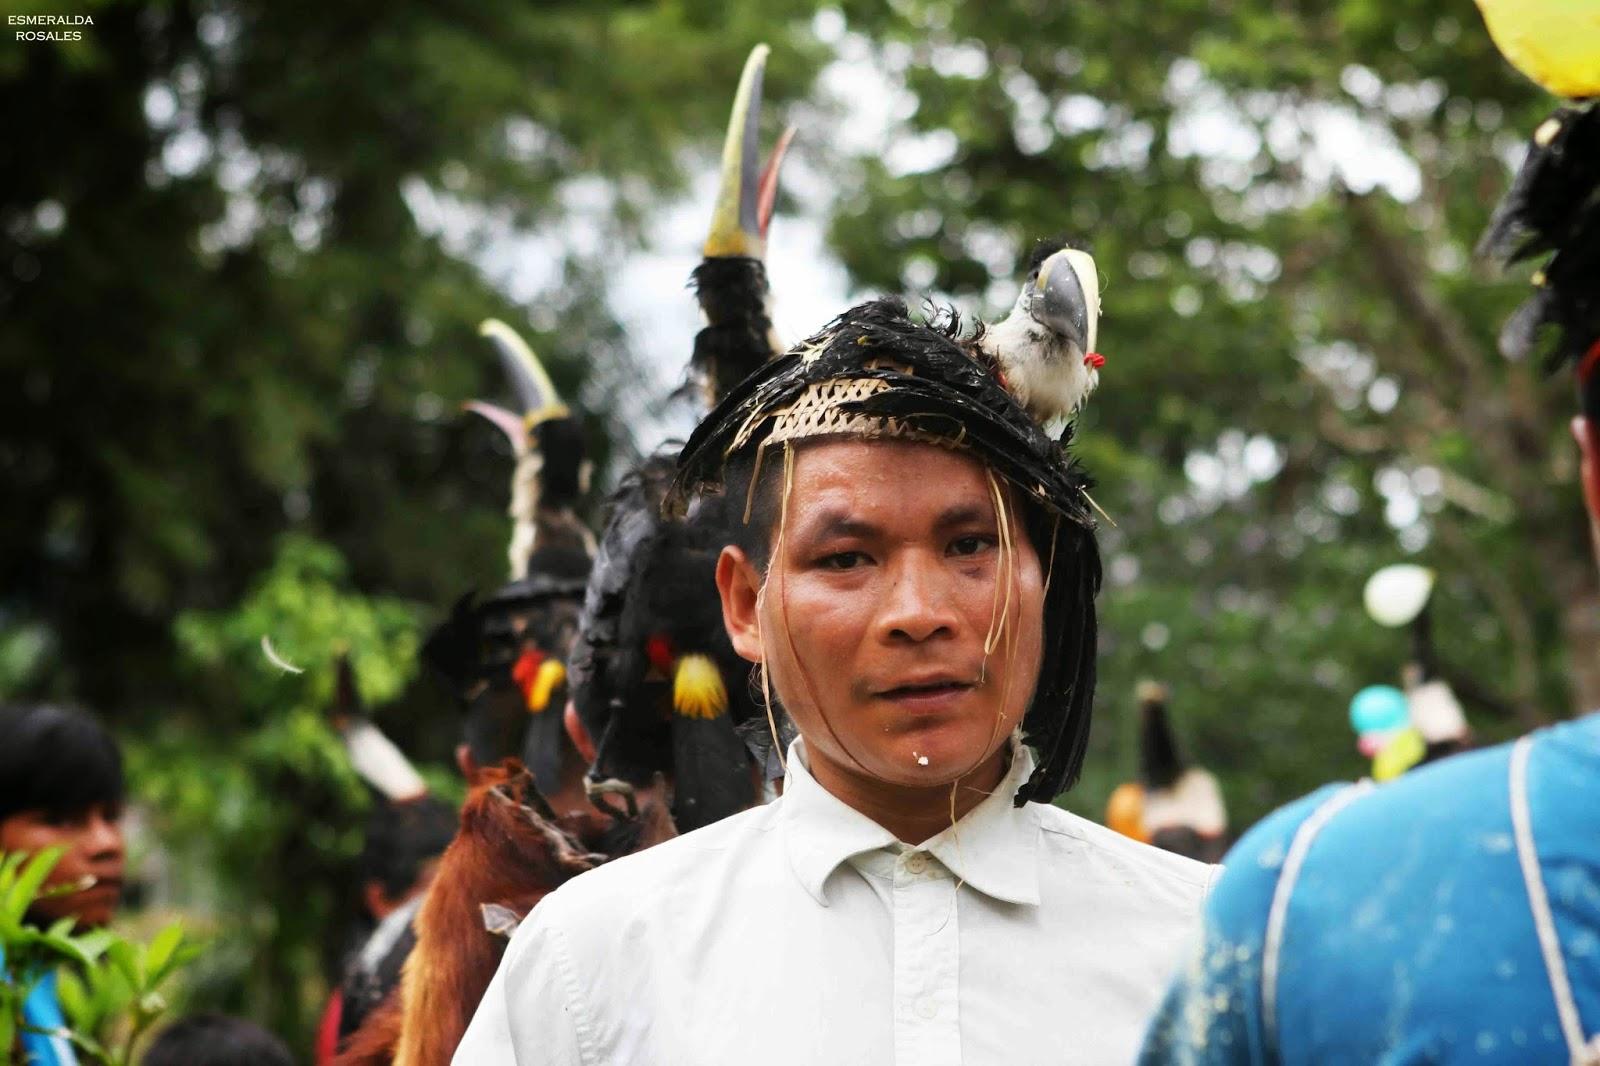 Uyantza Raymi 2015 – La fiesta de la unidad con la madre tierra en la amazonía ecuatoriana